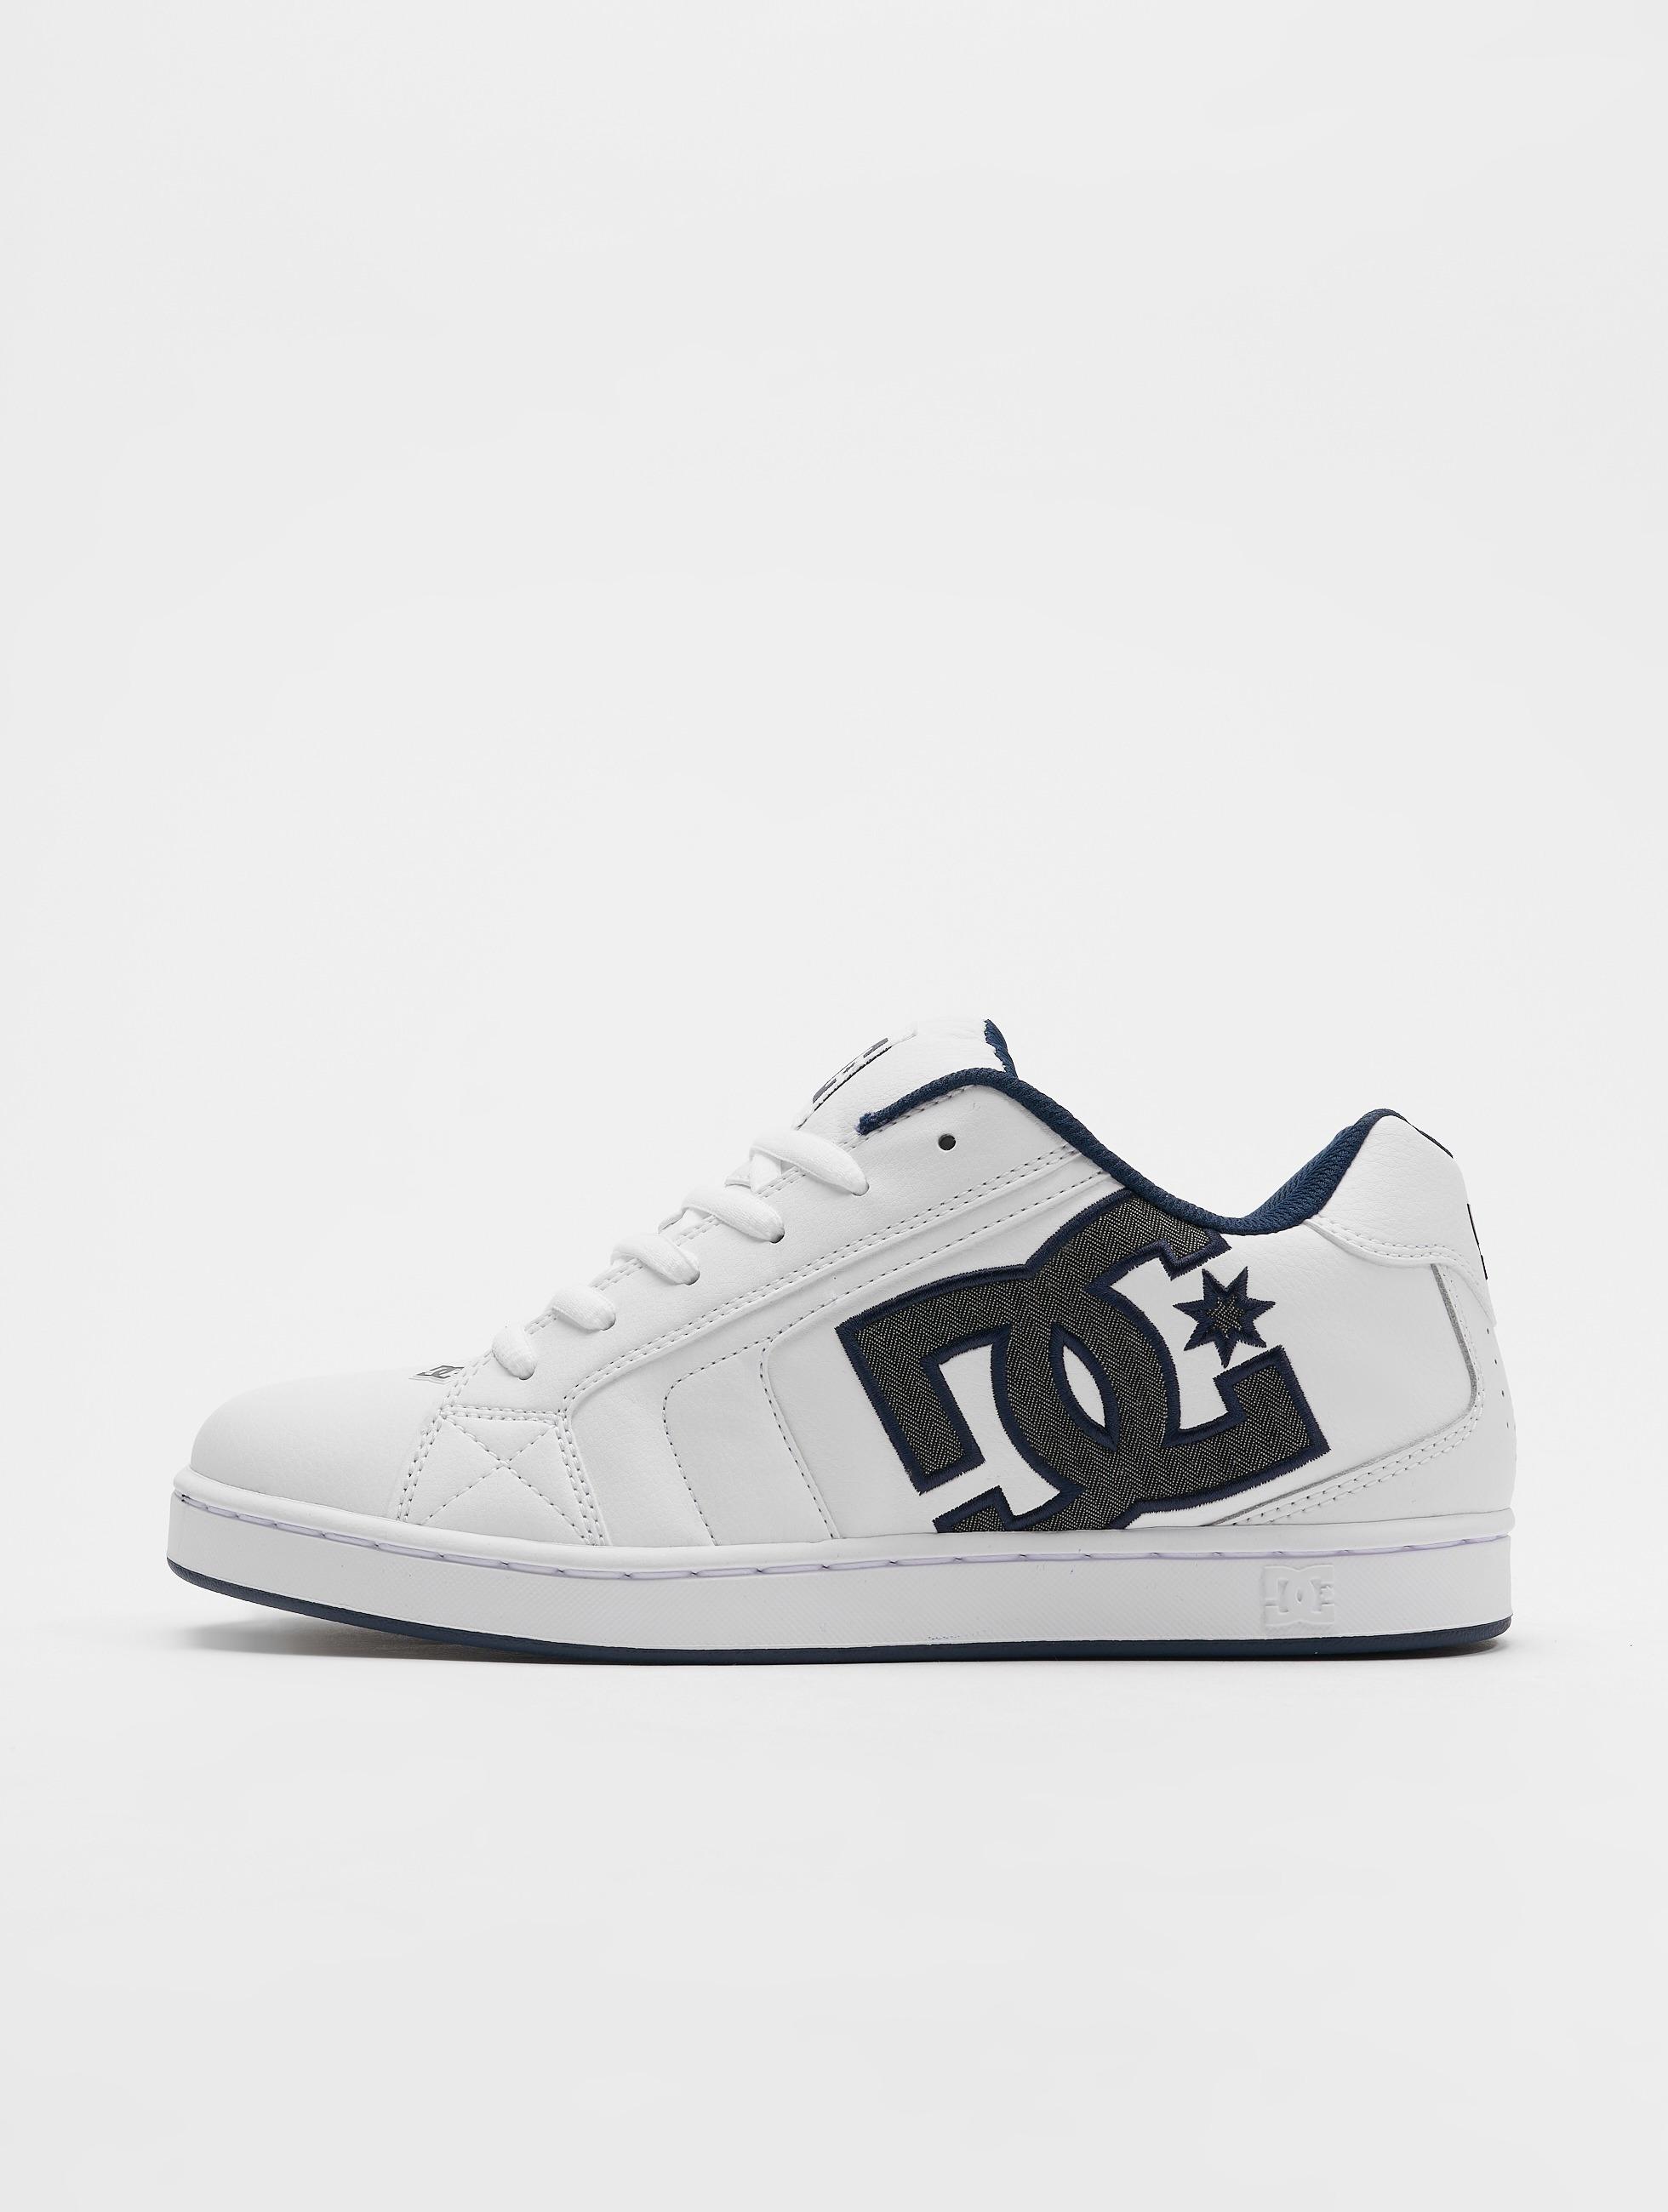 6c416d390e5 DC schoen / sneaker Net in wit 597105